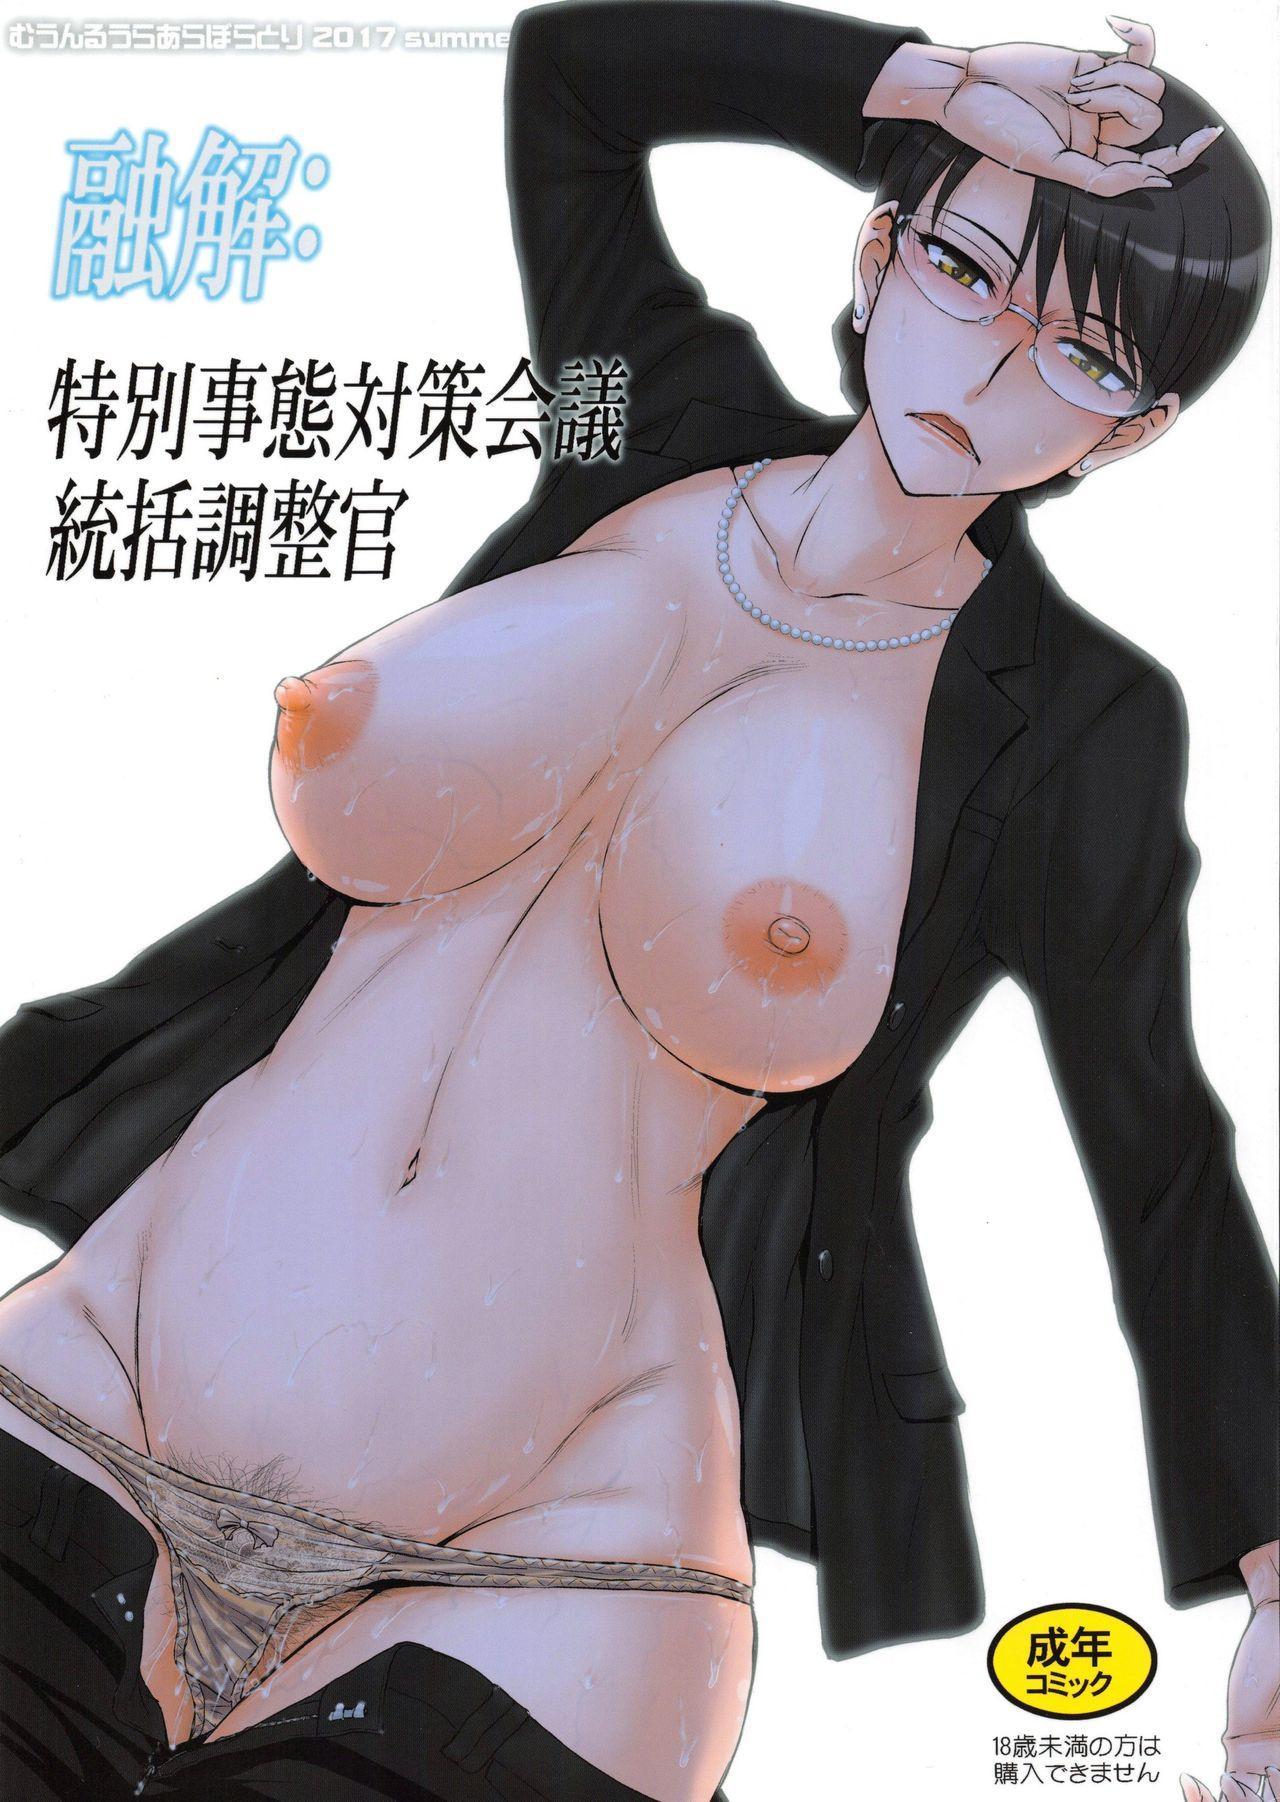 Yuukai: Tokubetsu Jitai Taisaku Kaigi Toukatsu Chouseikan 0